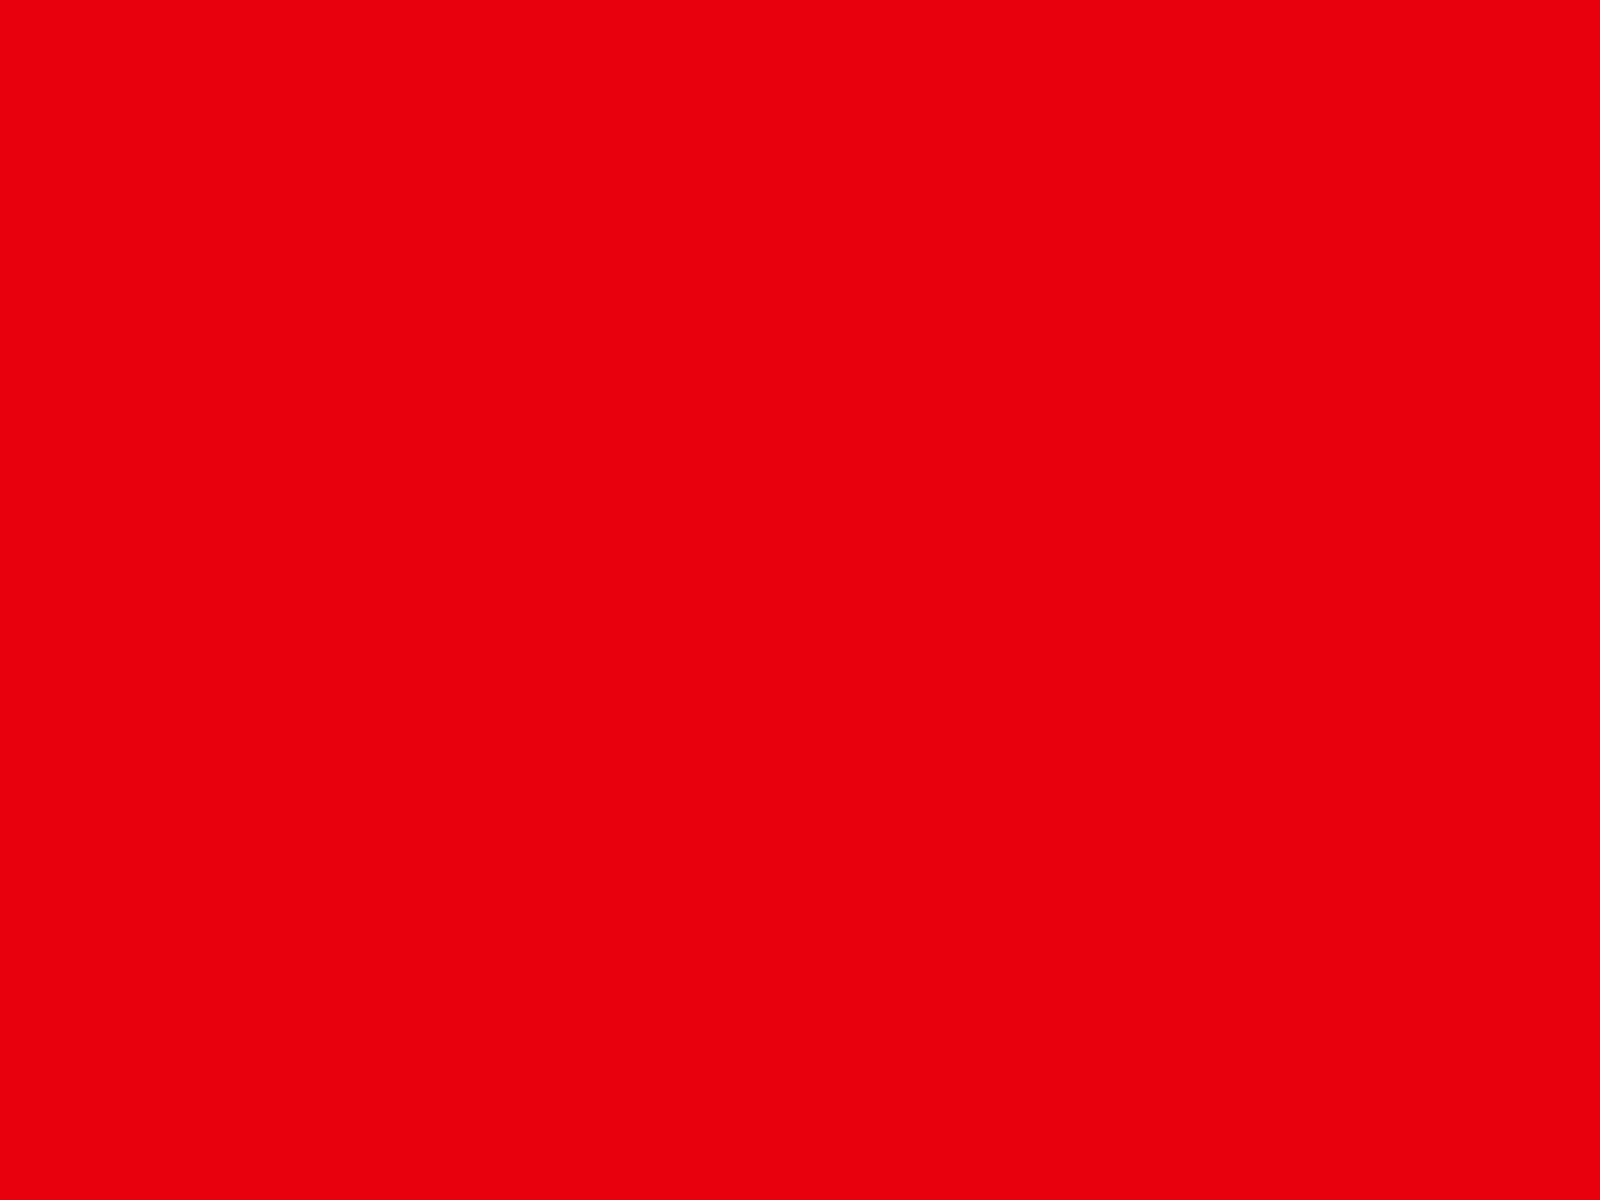 1600x1200 KU Crimson Solid Color Background